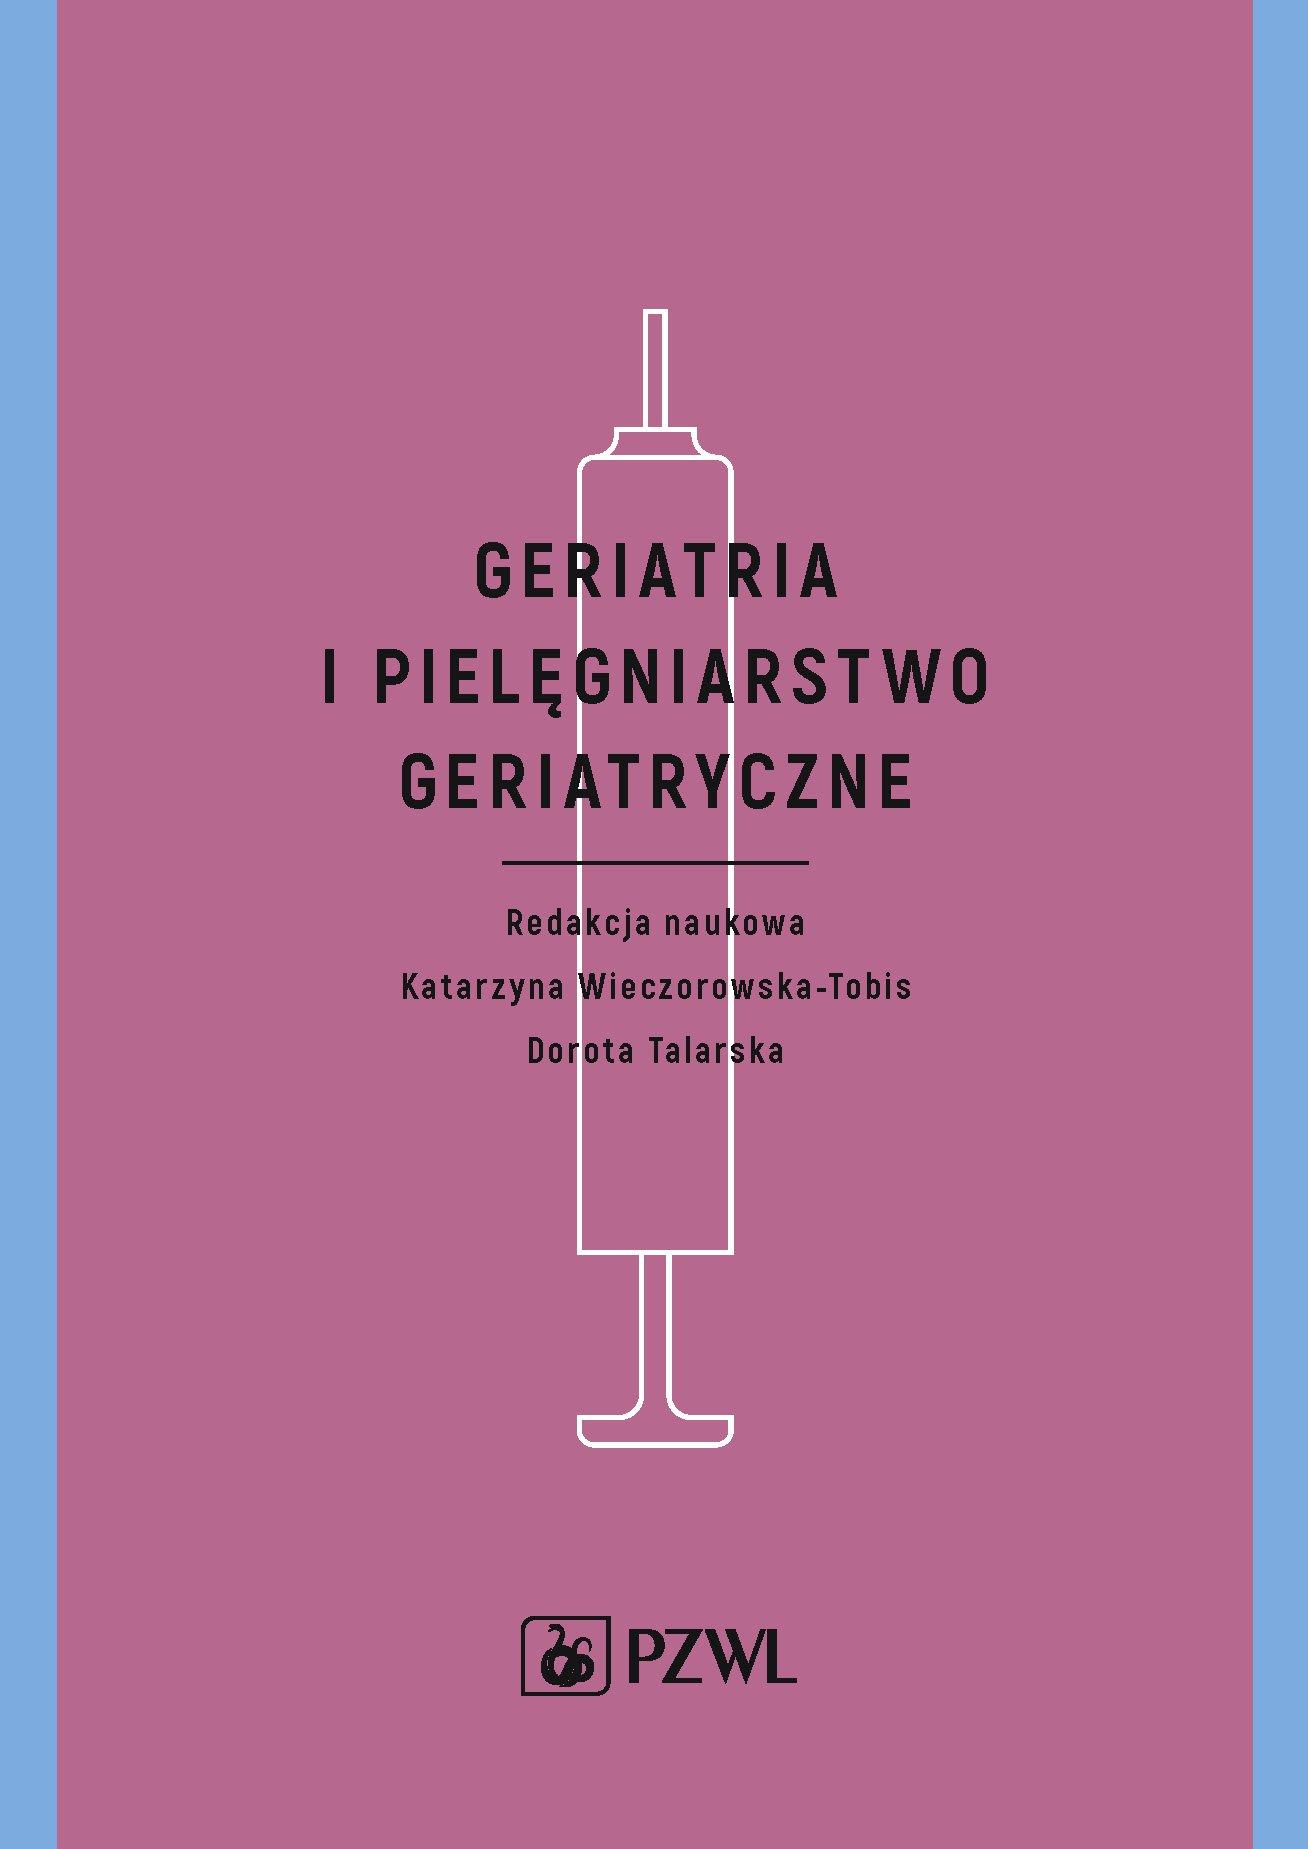 Geriatria i pielęgniarstwo geriatryczne - Ebook (Książka na Kindle) do pobrania w formacie MOBI